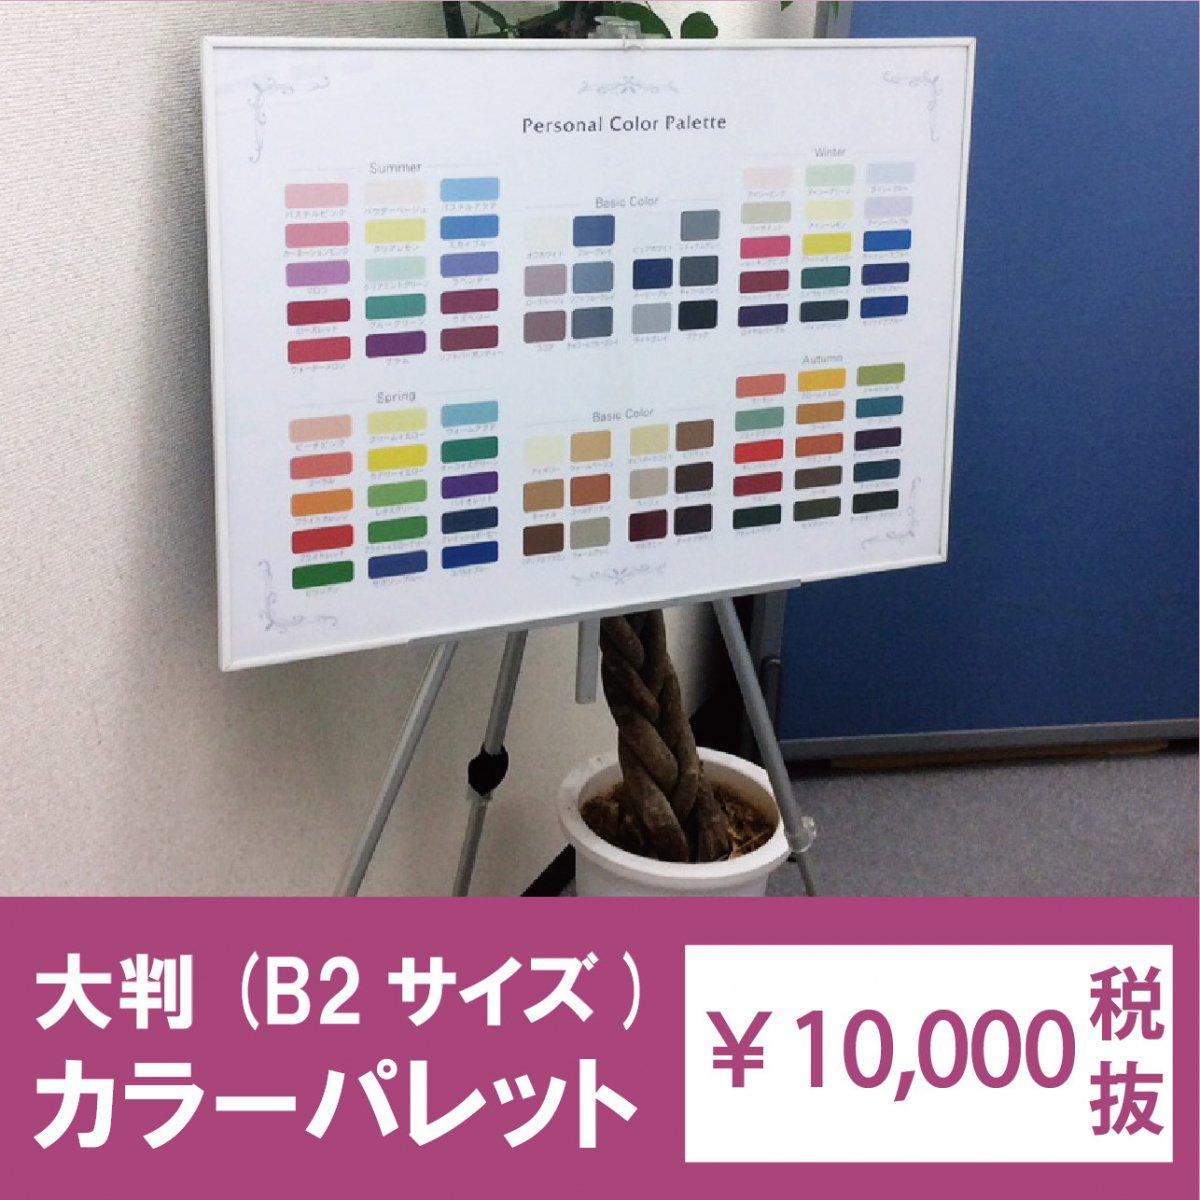 大判掲示パネル:3つ折りカラーパレットパネル【B2大判サイズ版】